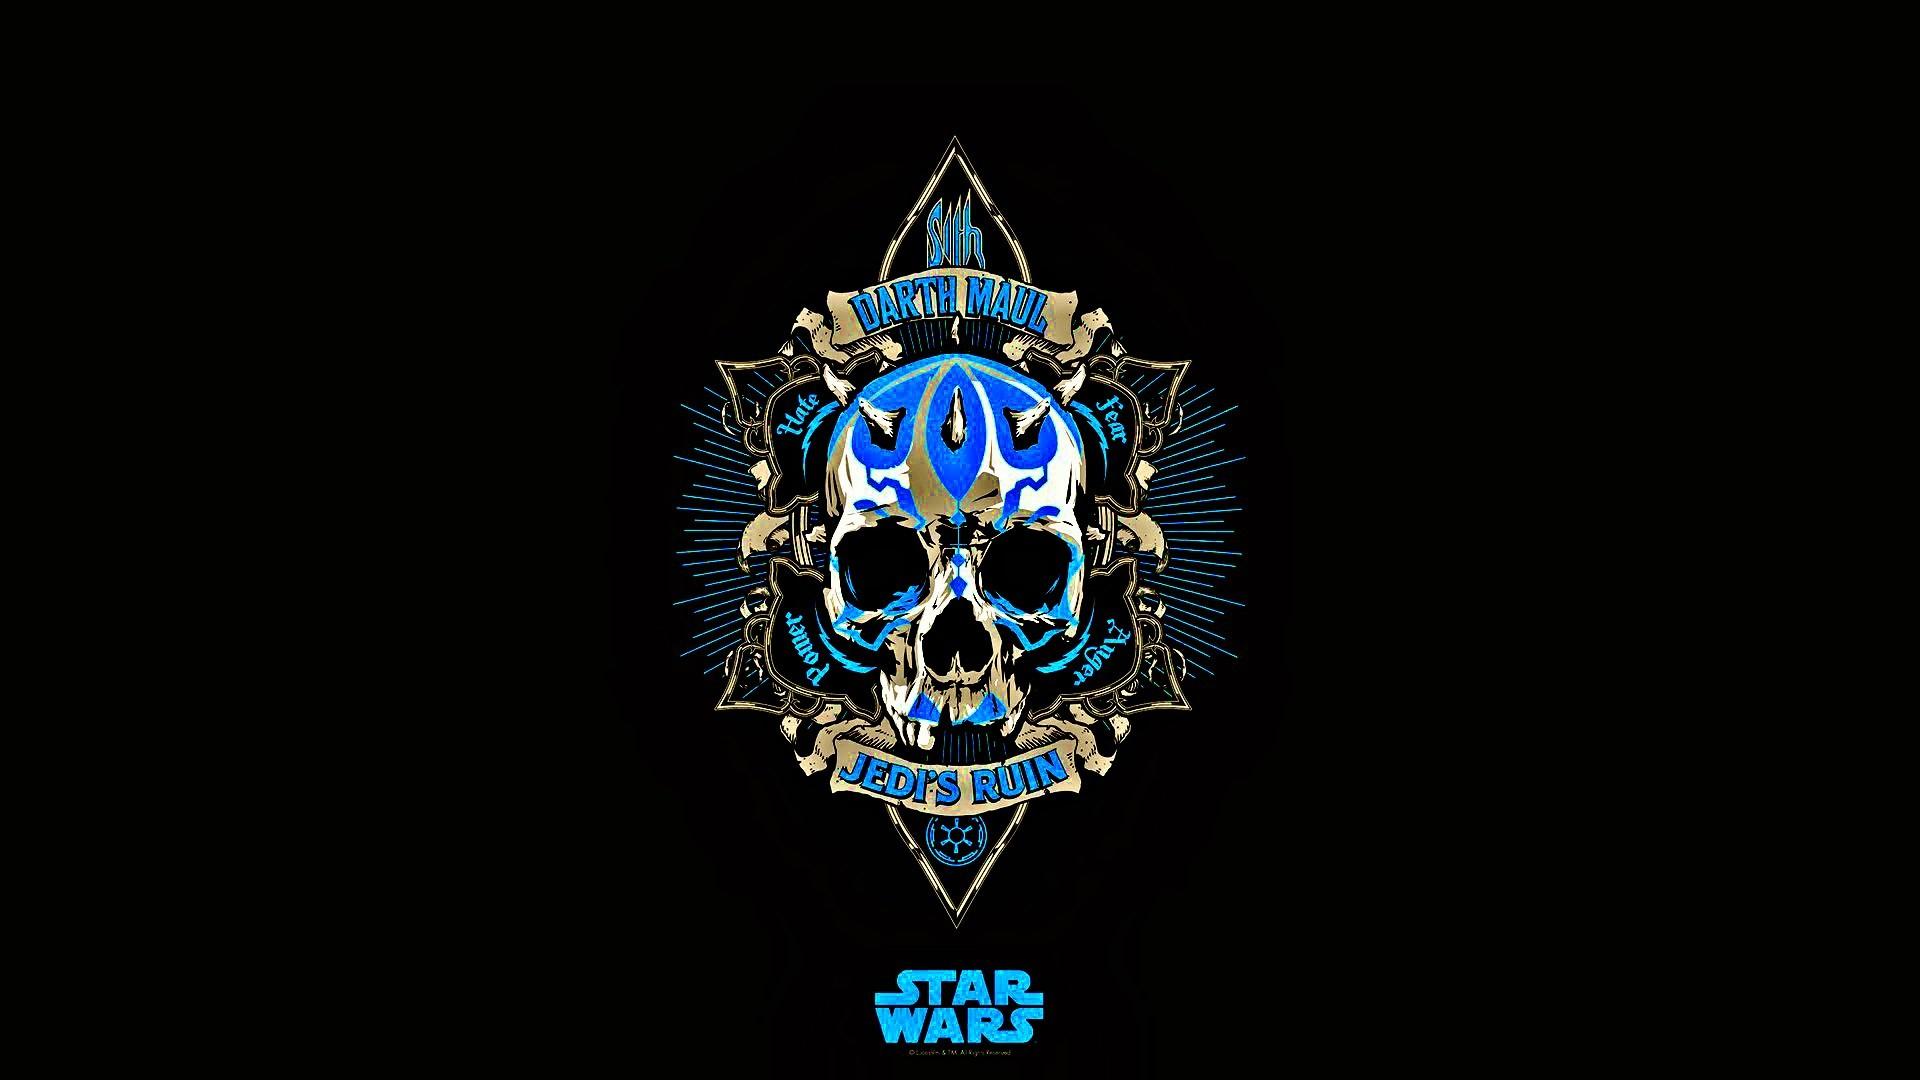 Wallpaper Black Star Wars Minimalism Logo Blue Skull Jedi Darth Maul Symbol Emblem Graphics 1920x1080 Px Computer Wallpaper Font 1920x1080 Wallhaven 785869 Hd Wallpapers Wallhere